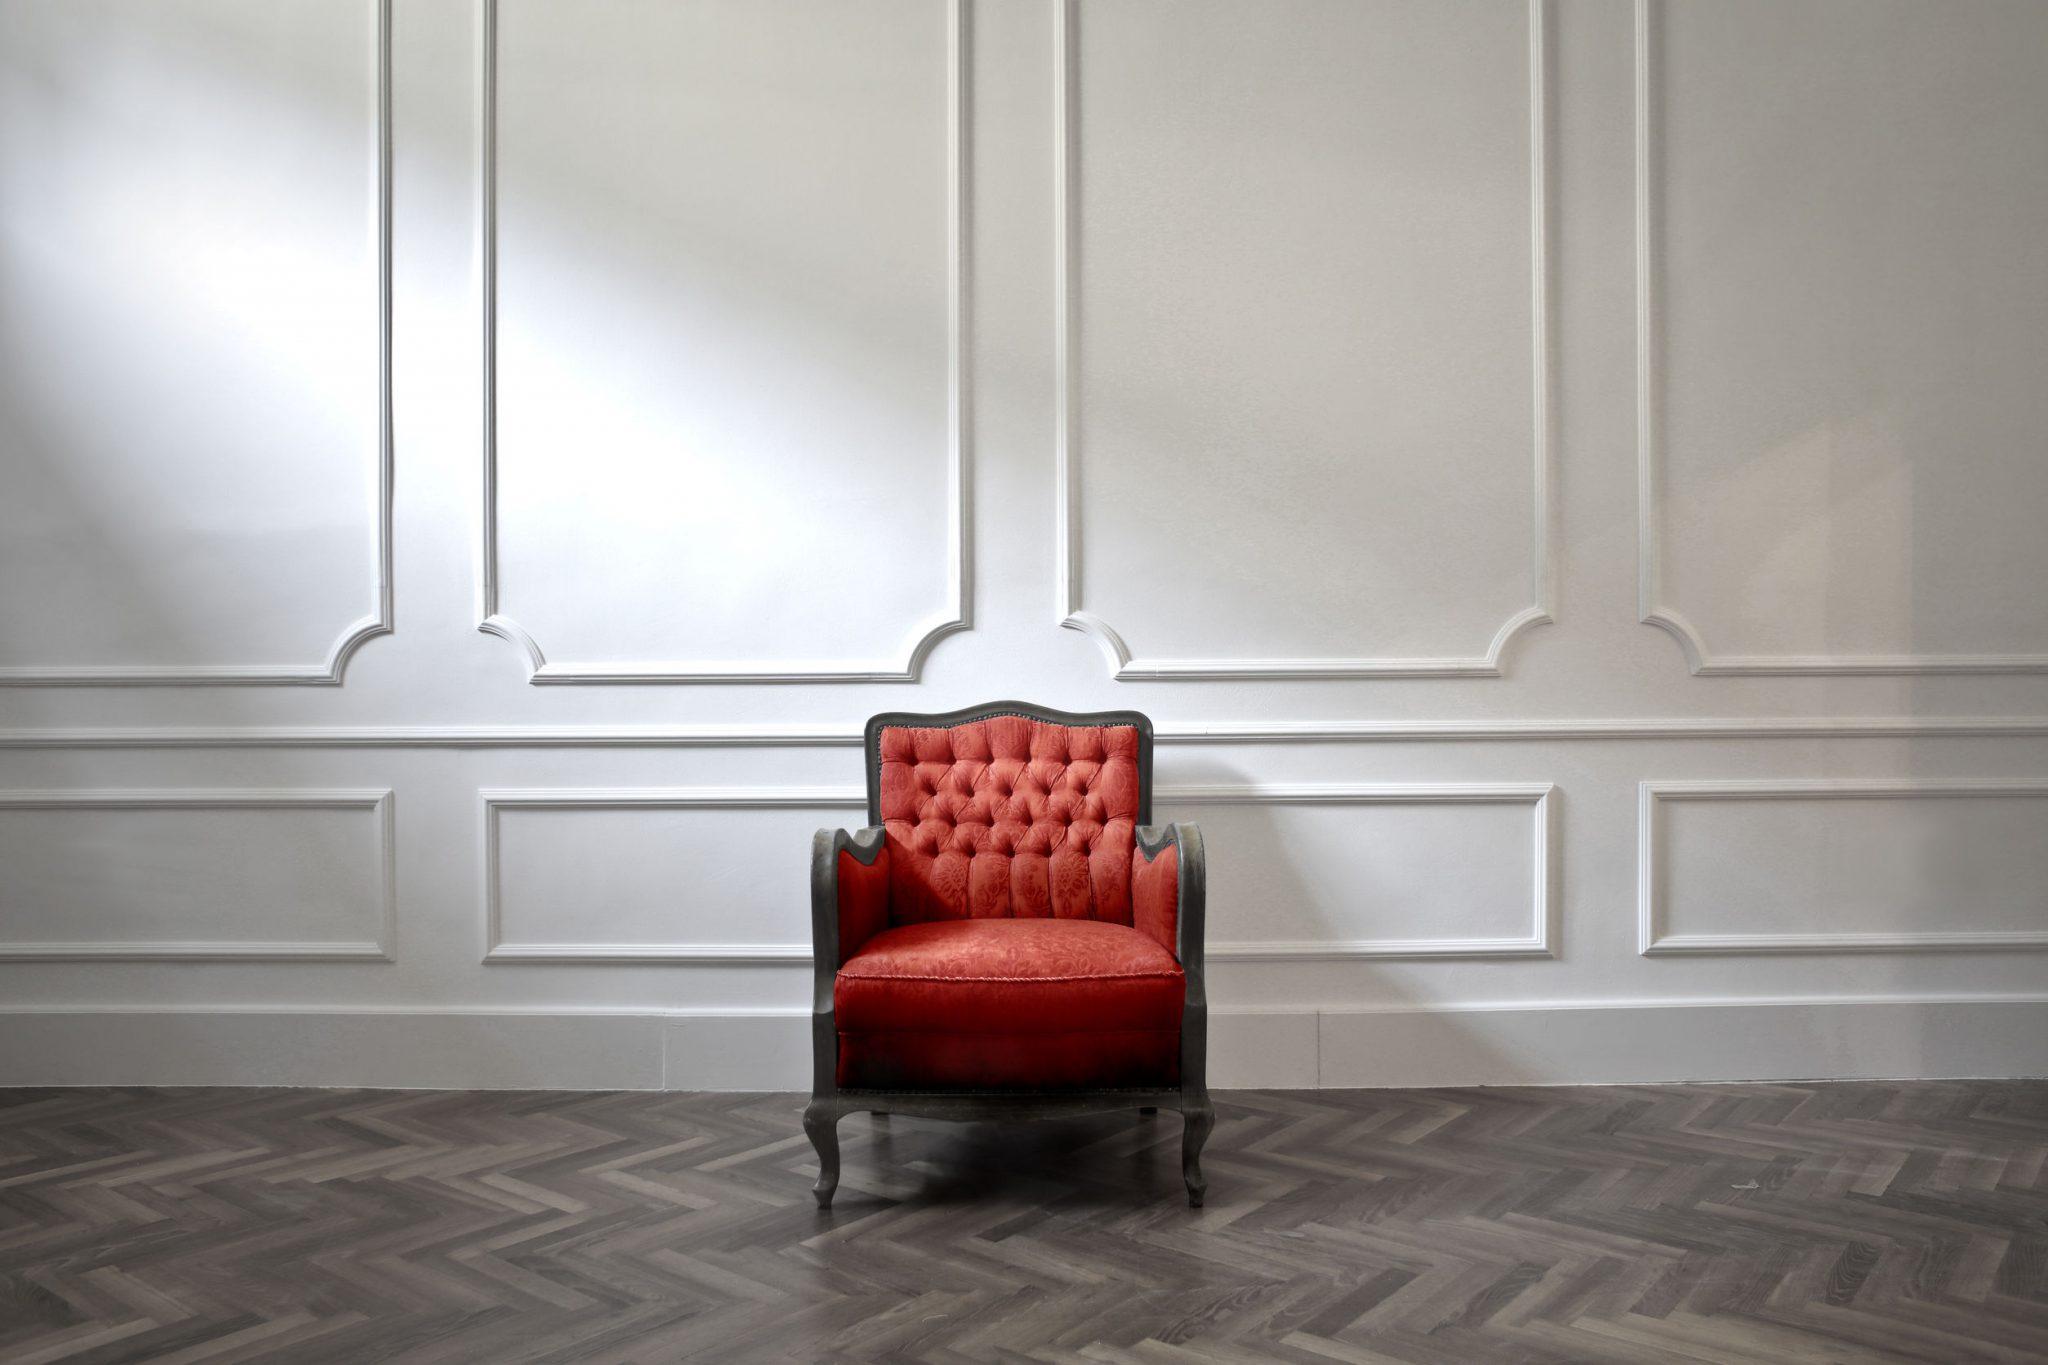 Foto. Ao centro, uma poltrona de madeira escura forrada com veludo vermelho, encostada junto à parede branca com molduras no mesmo tom. O chão de tacos claros e escuros, forma desenhos em zigue zague.